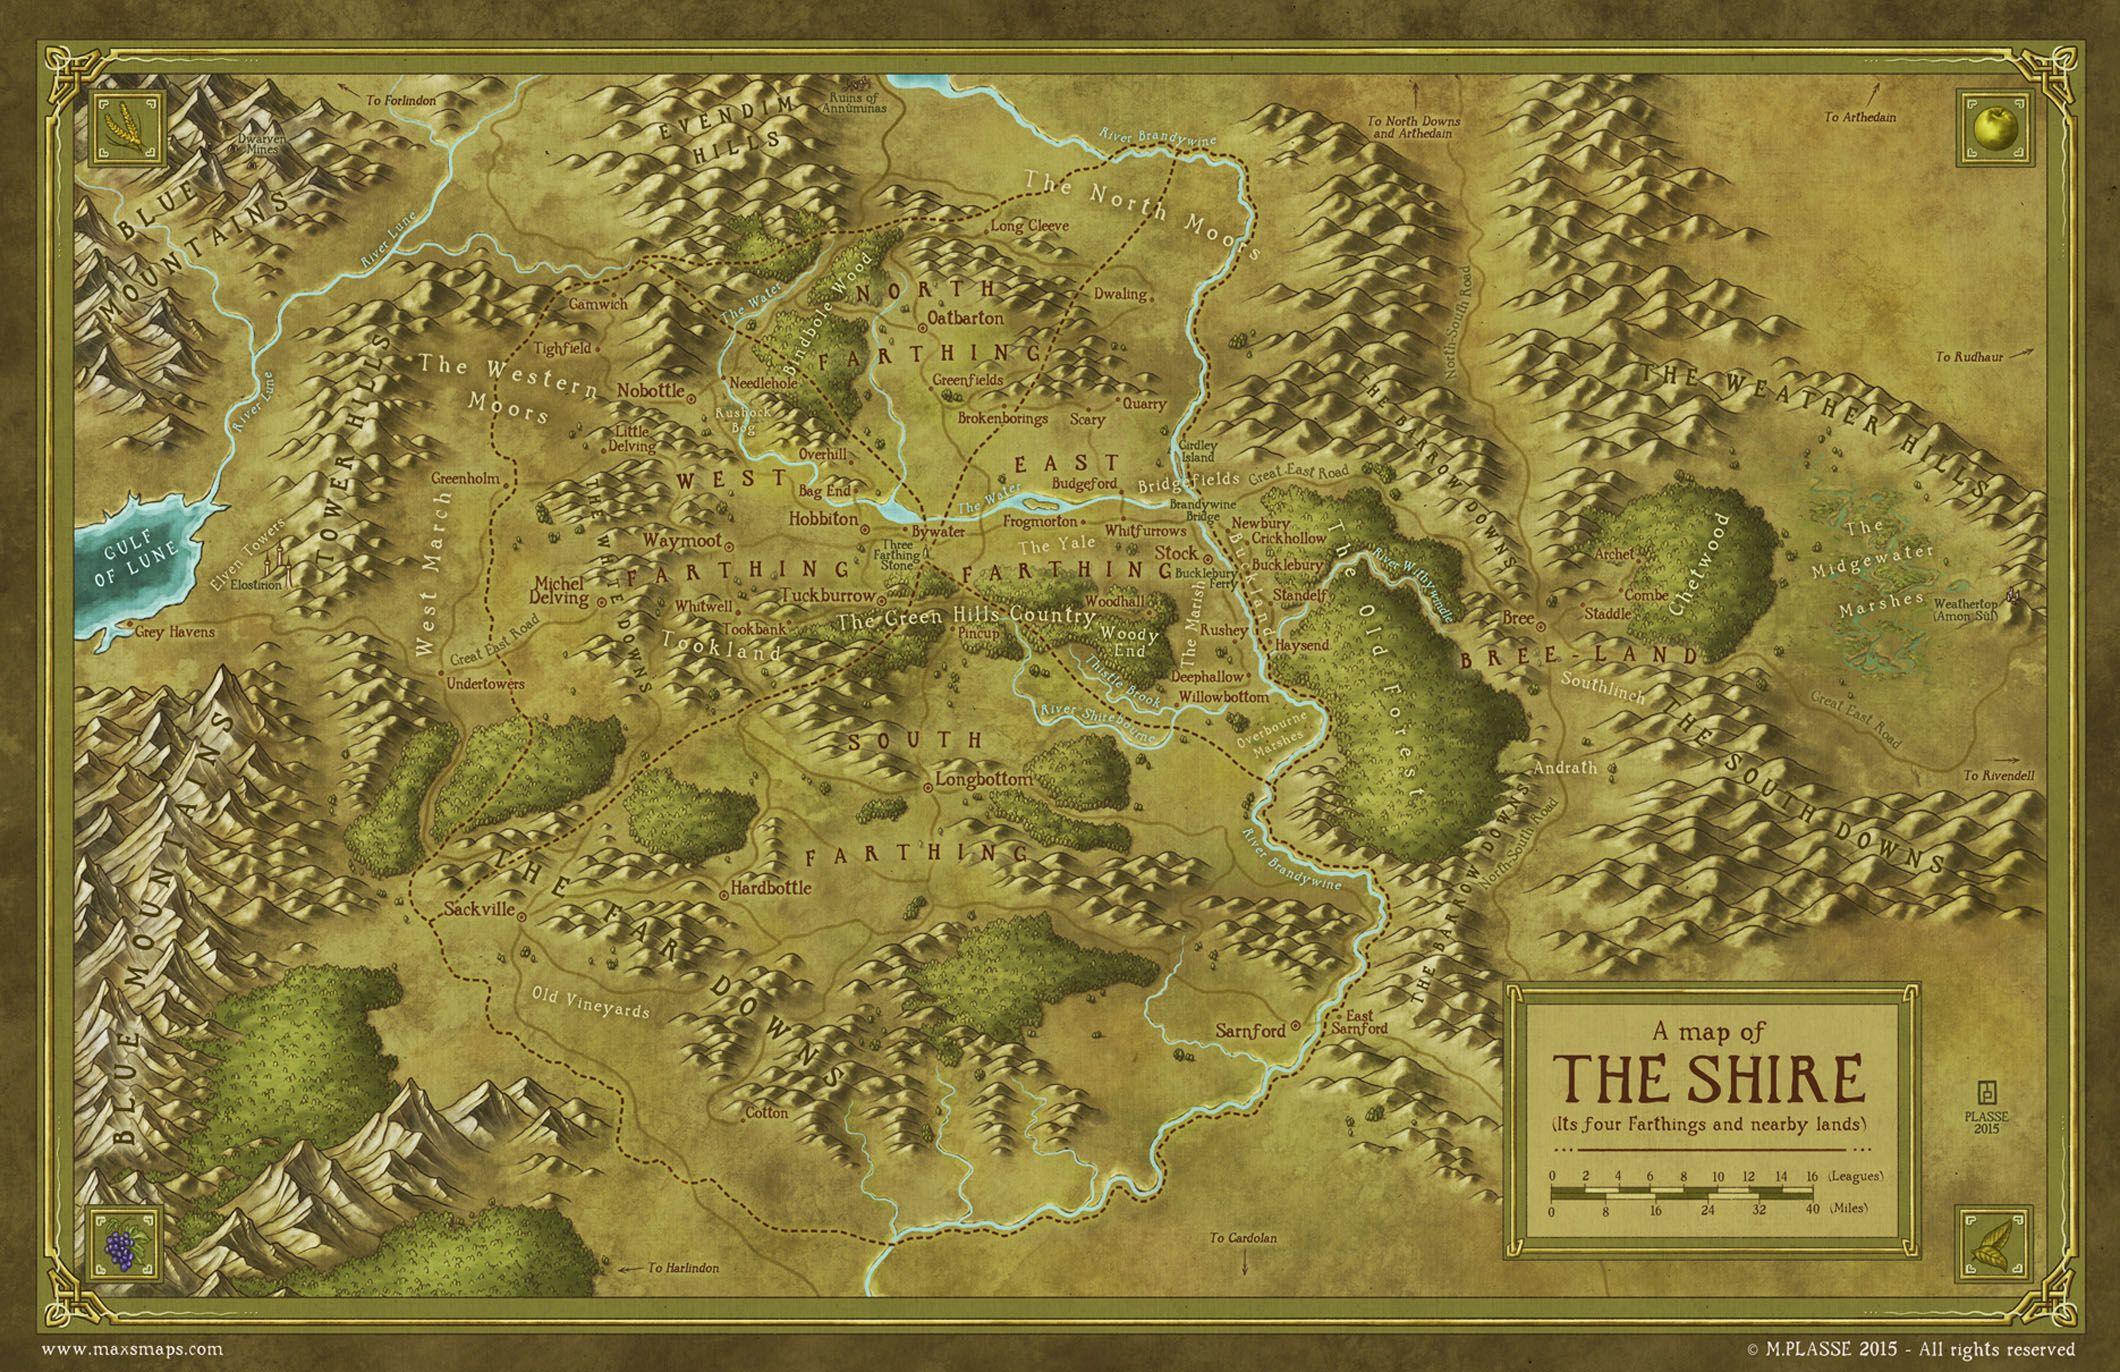 La Comarca Mapa De La Tierra Media Tierra Media Mapa De Fantasía